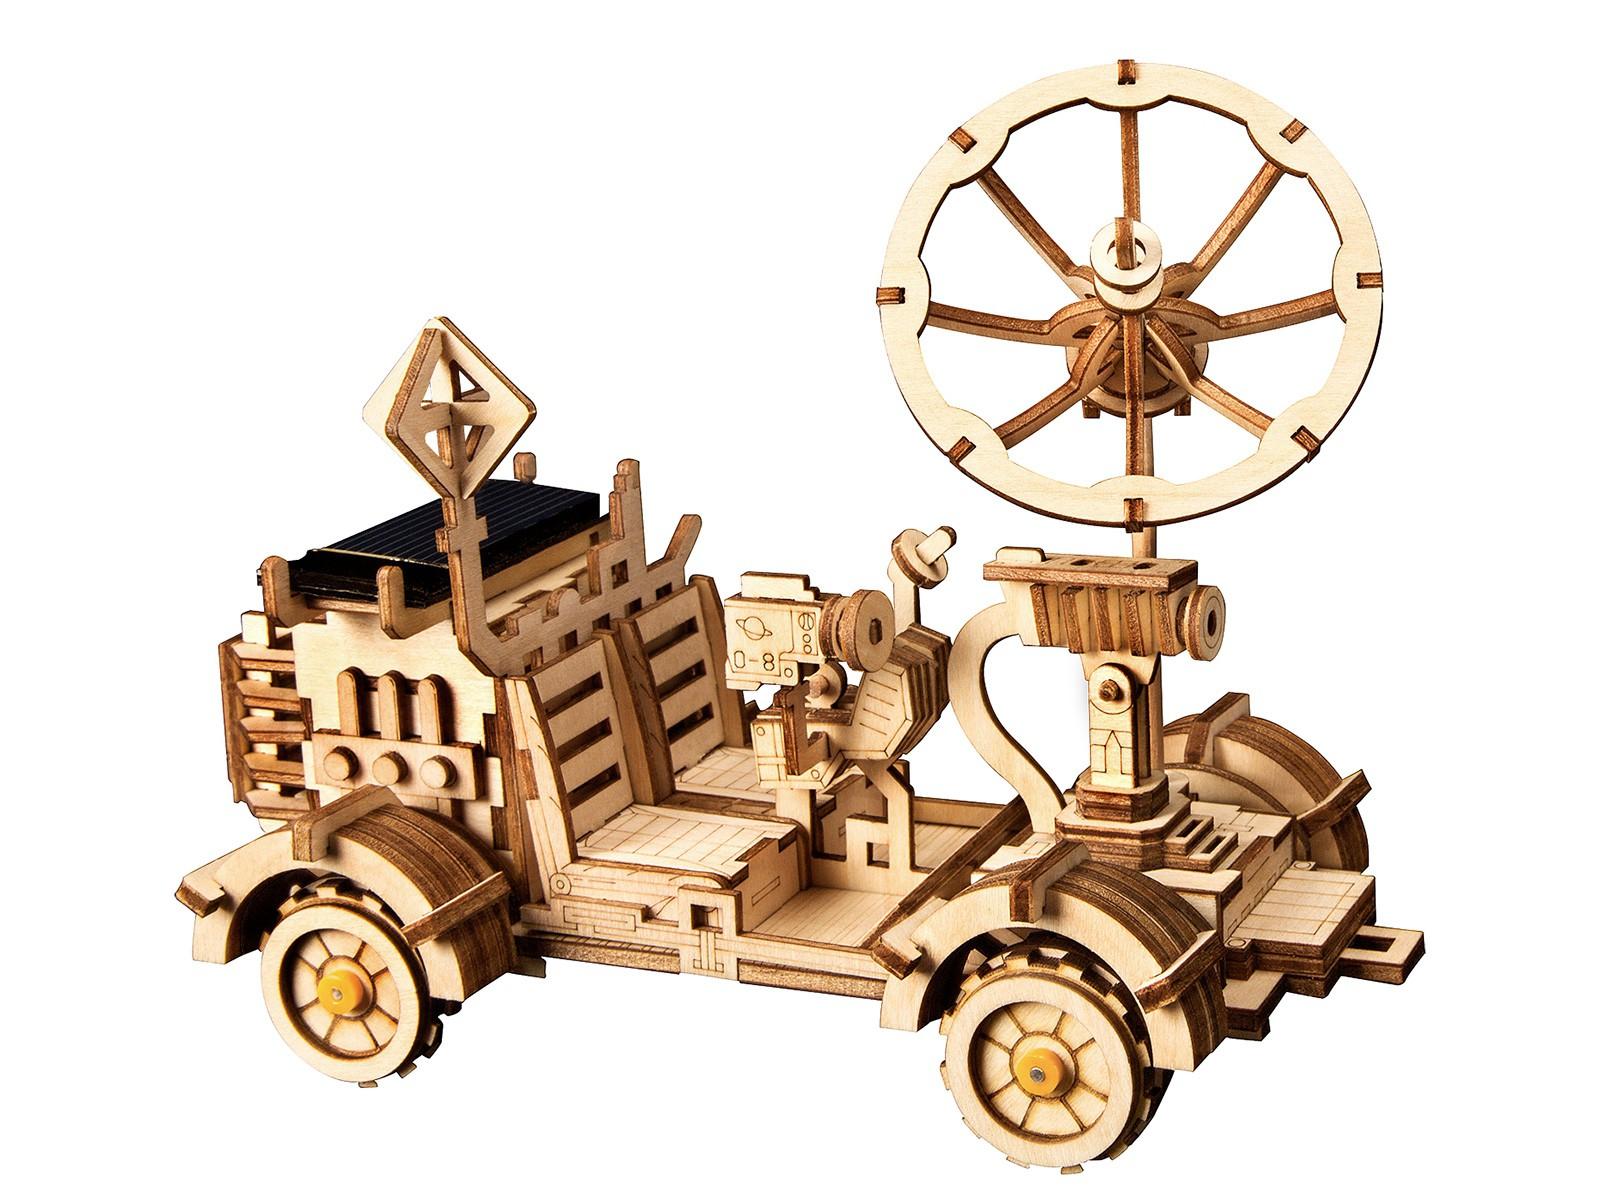 Mondauto / Lunar Vehicle 3D Puzzle Holz - Robotime ROKR LS401